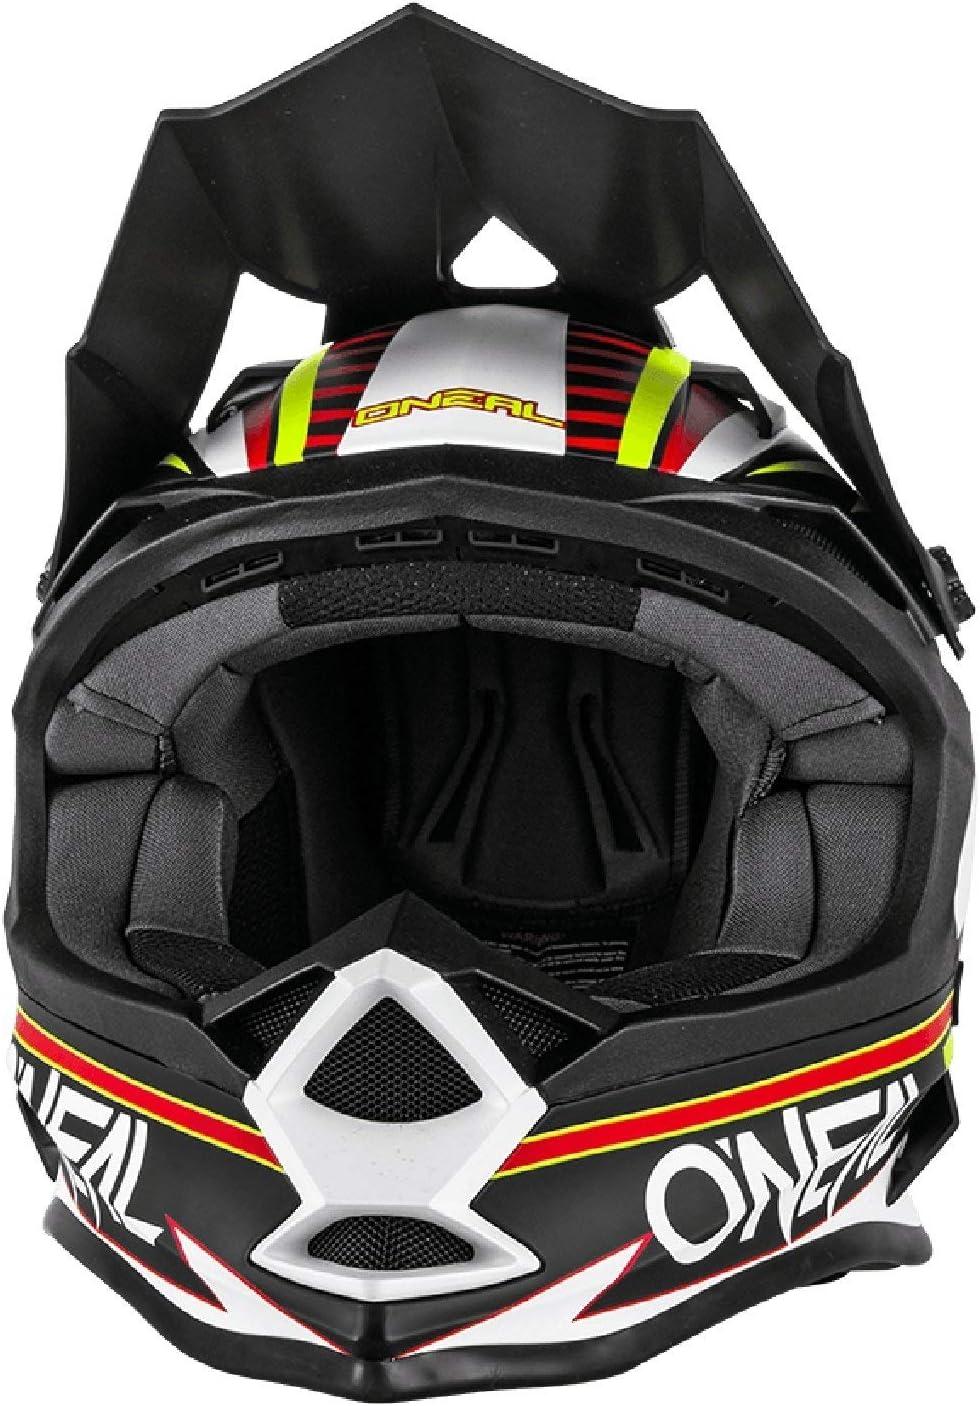 O Neal 7 Series Evo Motocross Enduro Mtb Helm Chaser Schwarz Weiß Gelb 2018 Oneal Größe M 57 58cm Bekleidung